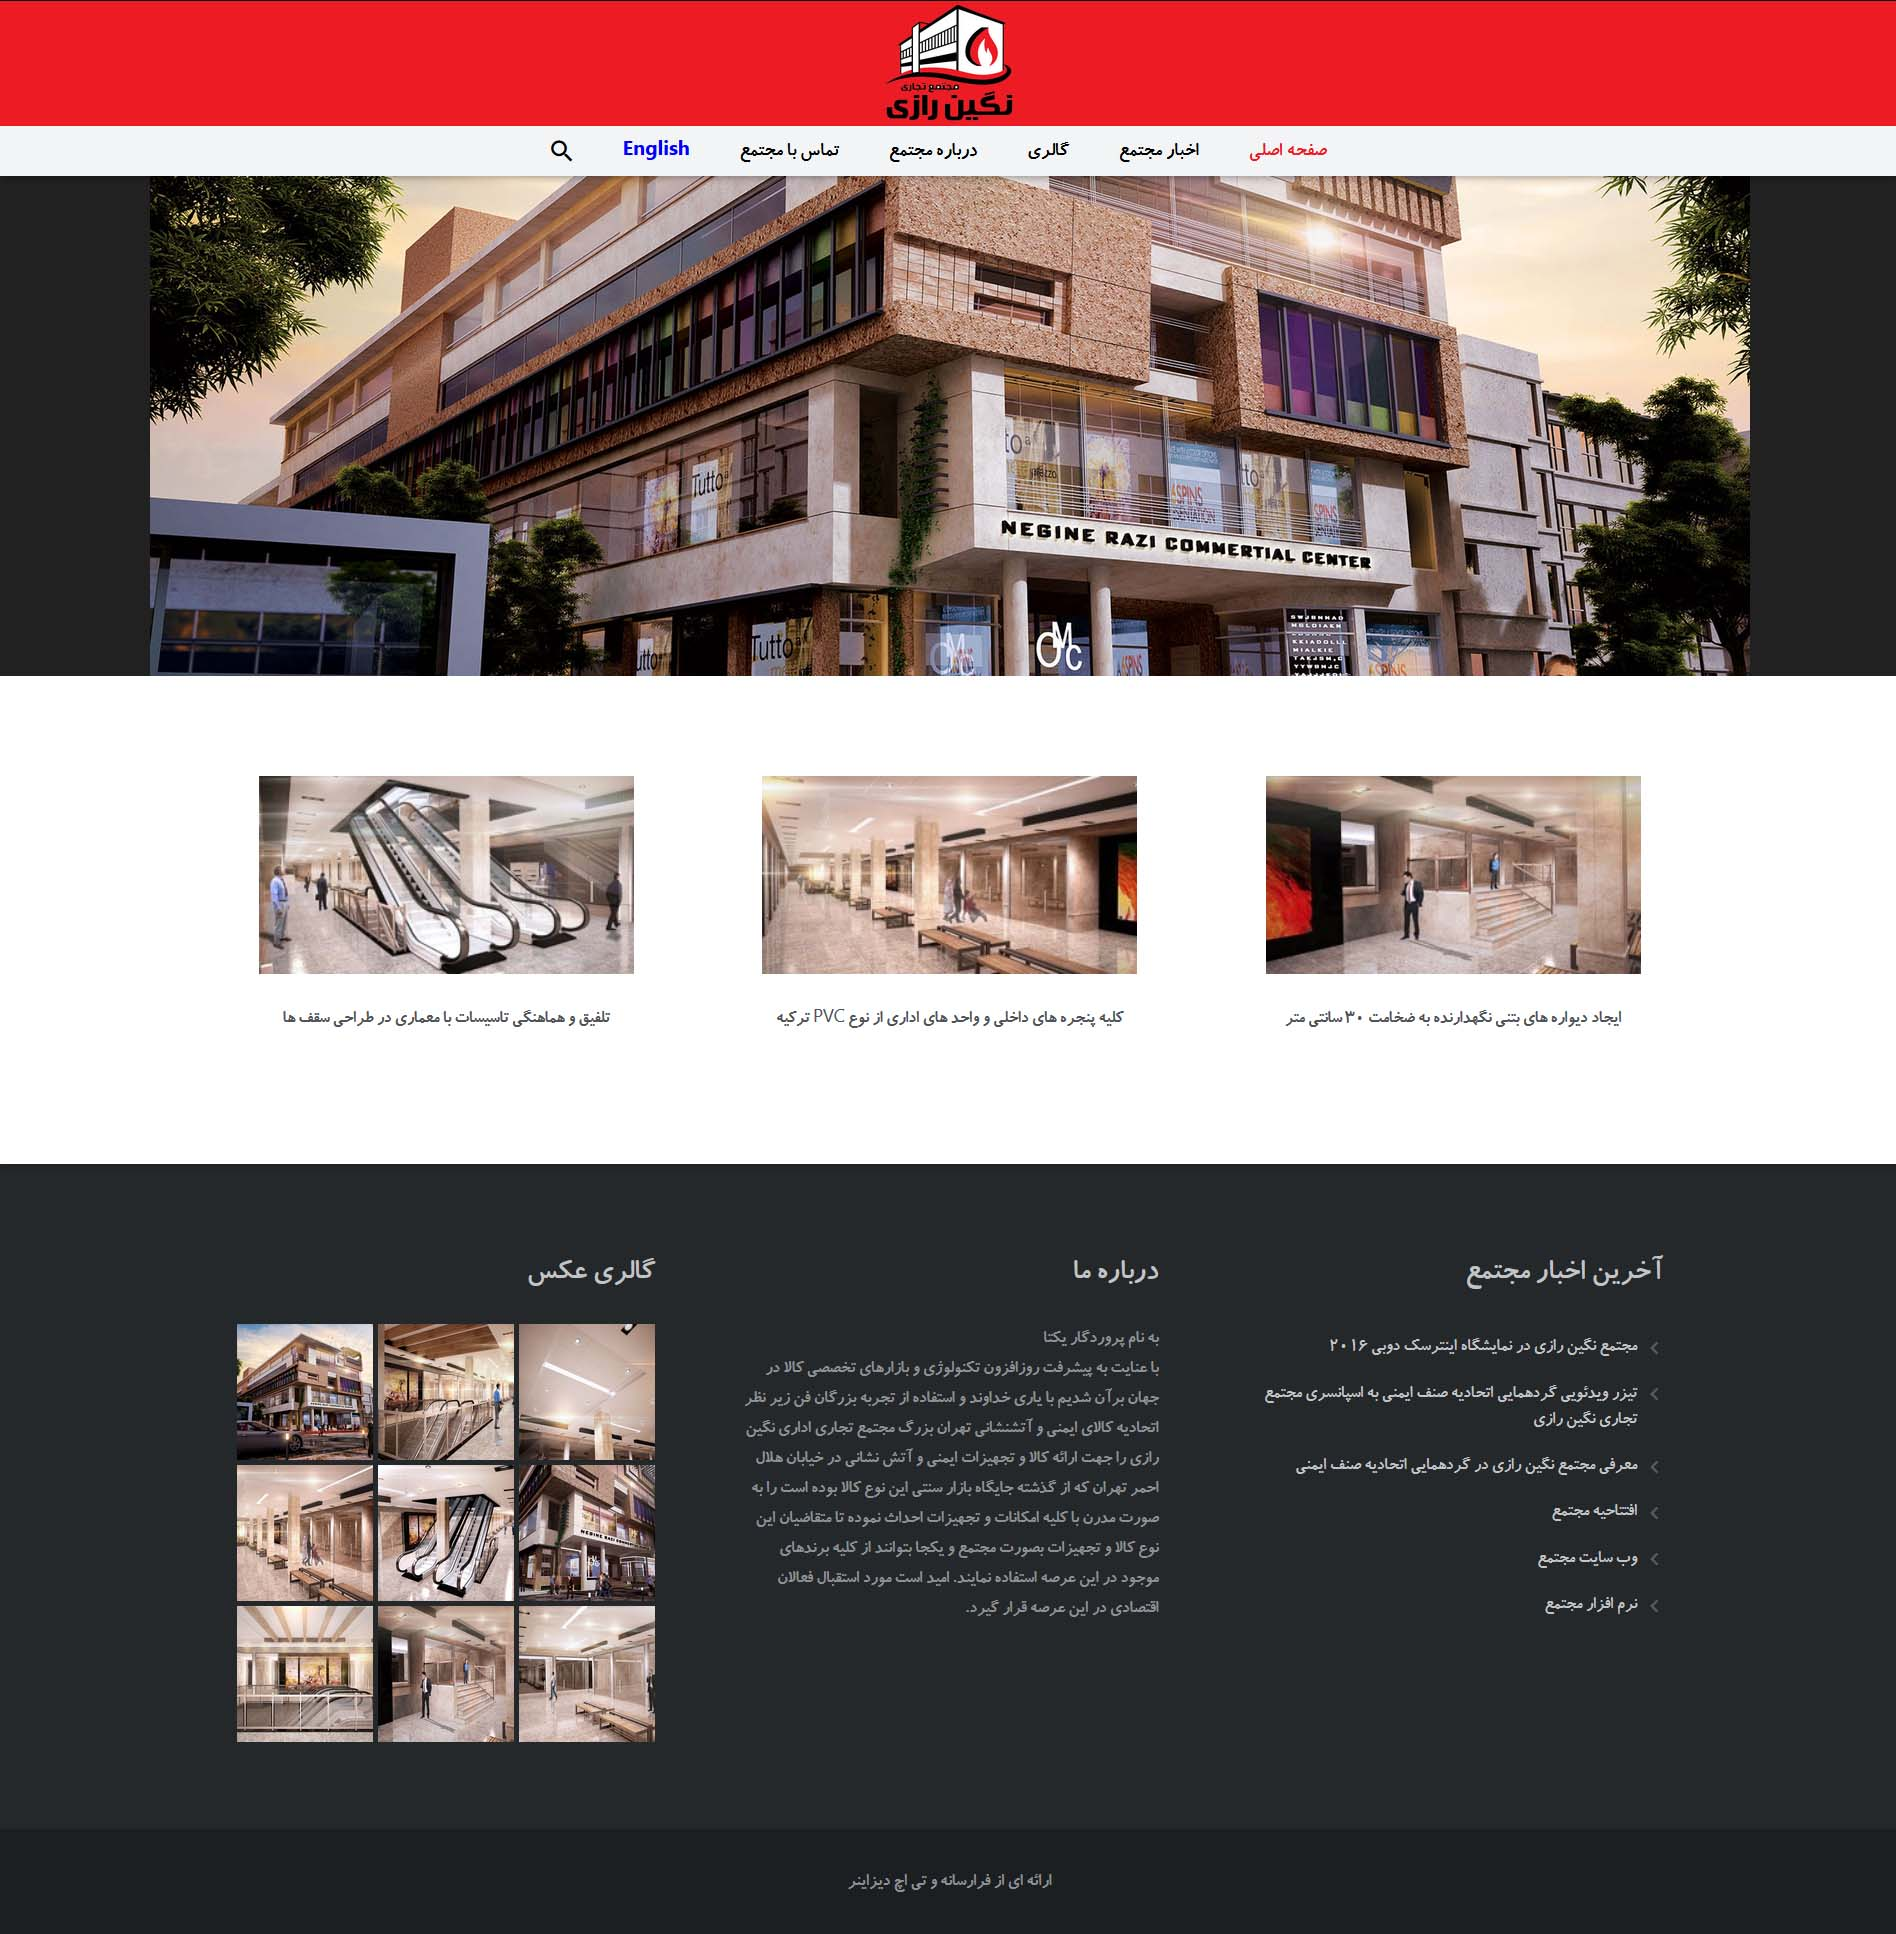 طراحی سایت مجتمع تجاری نگین رازی، فارسی